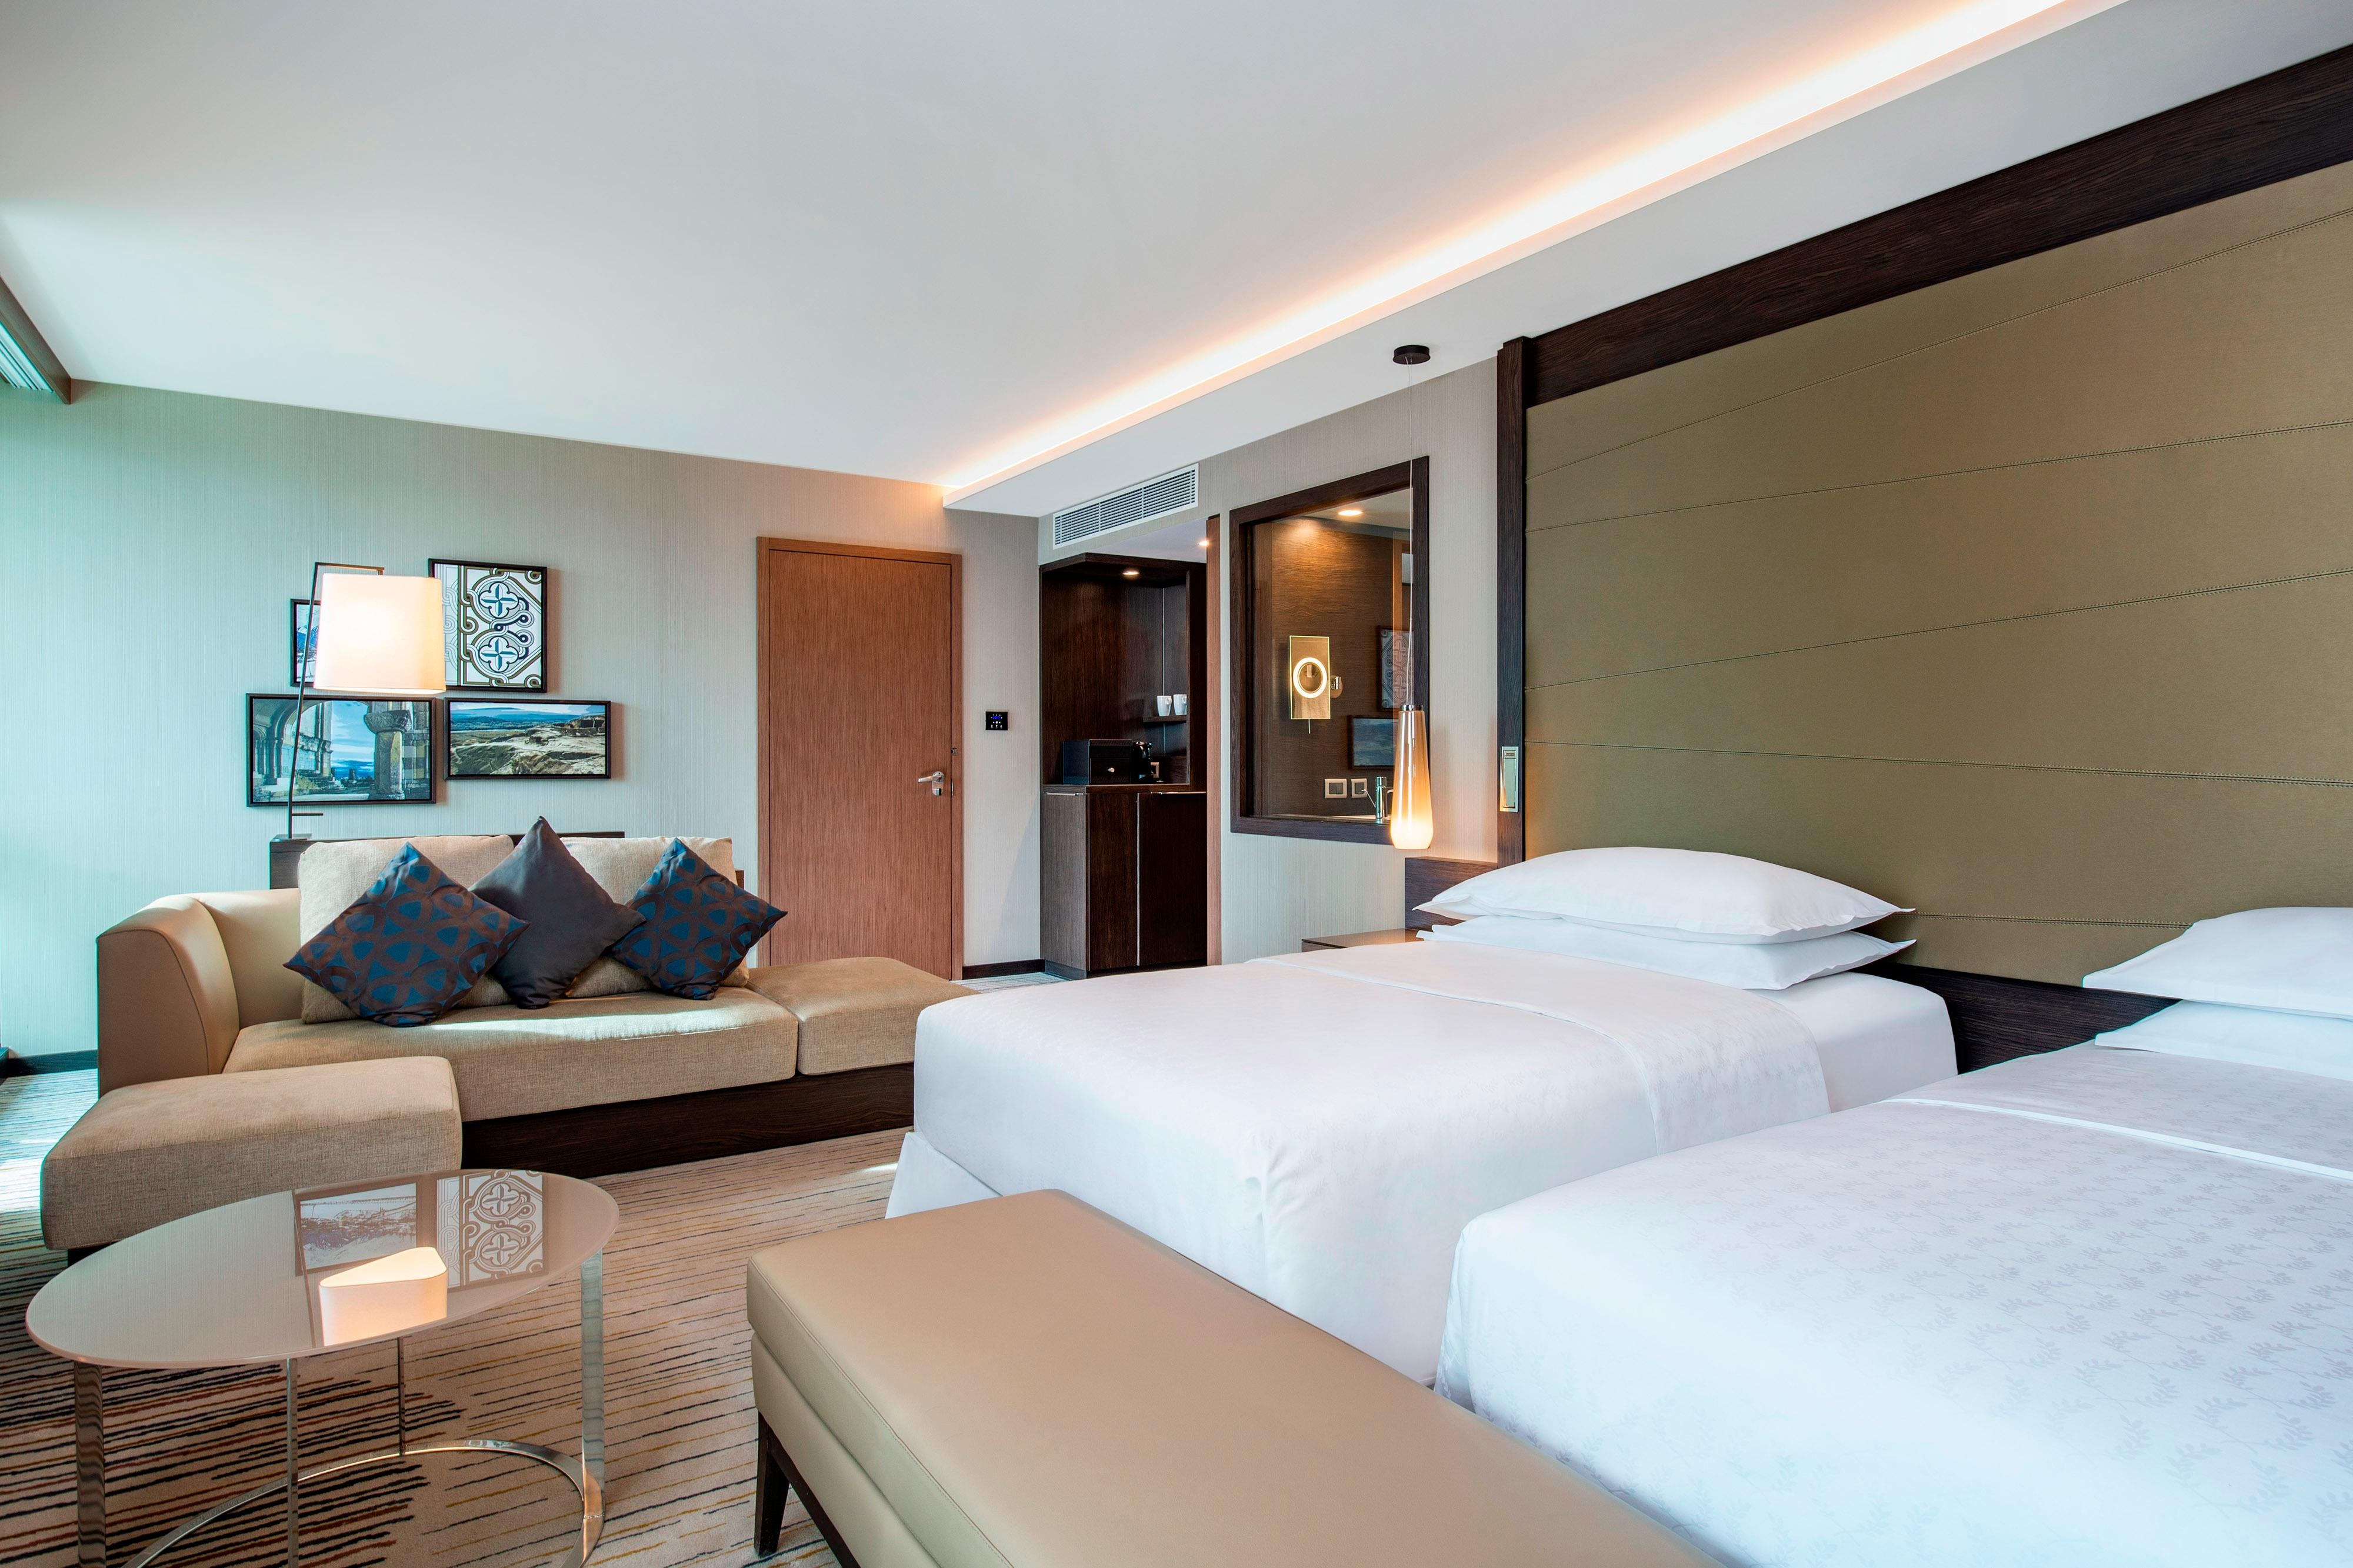 Chambre Club avec deux lits jumeaux